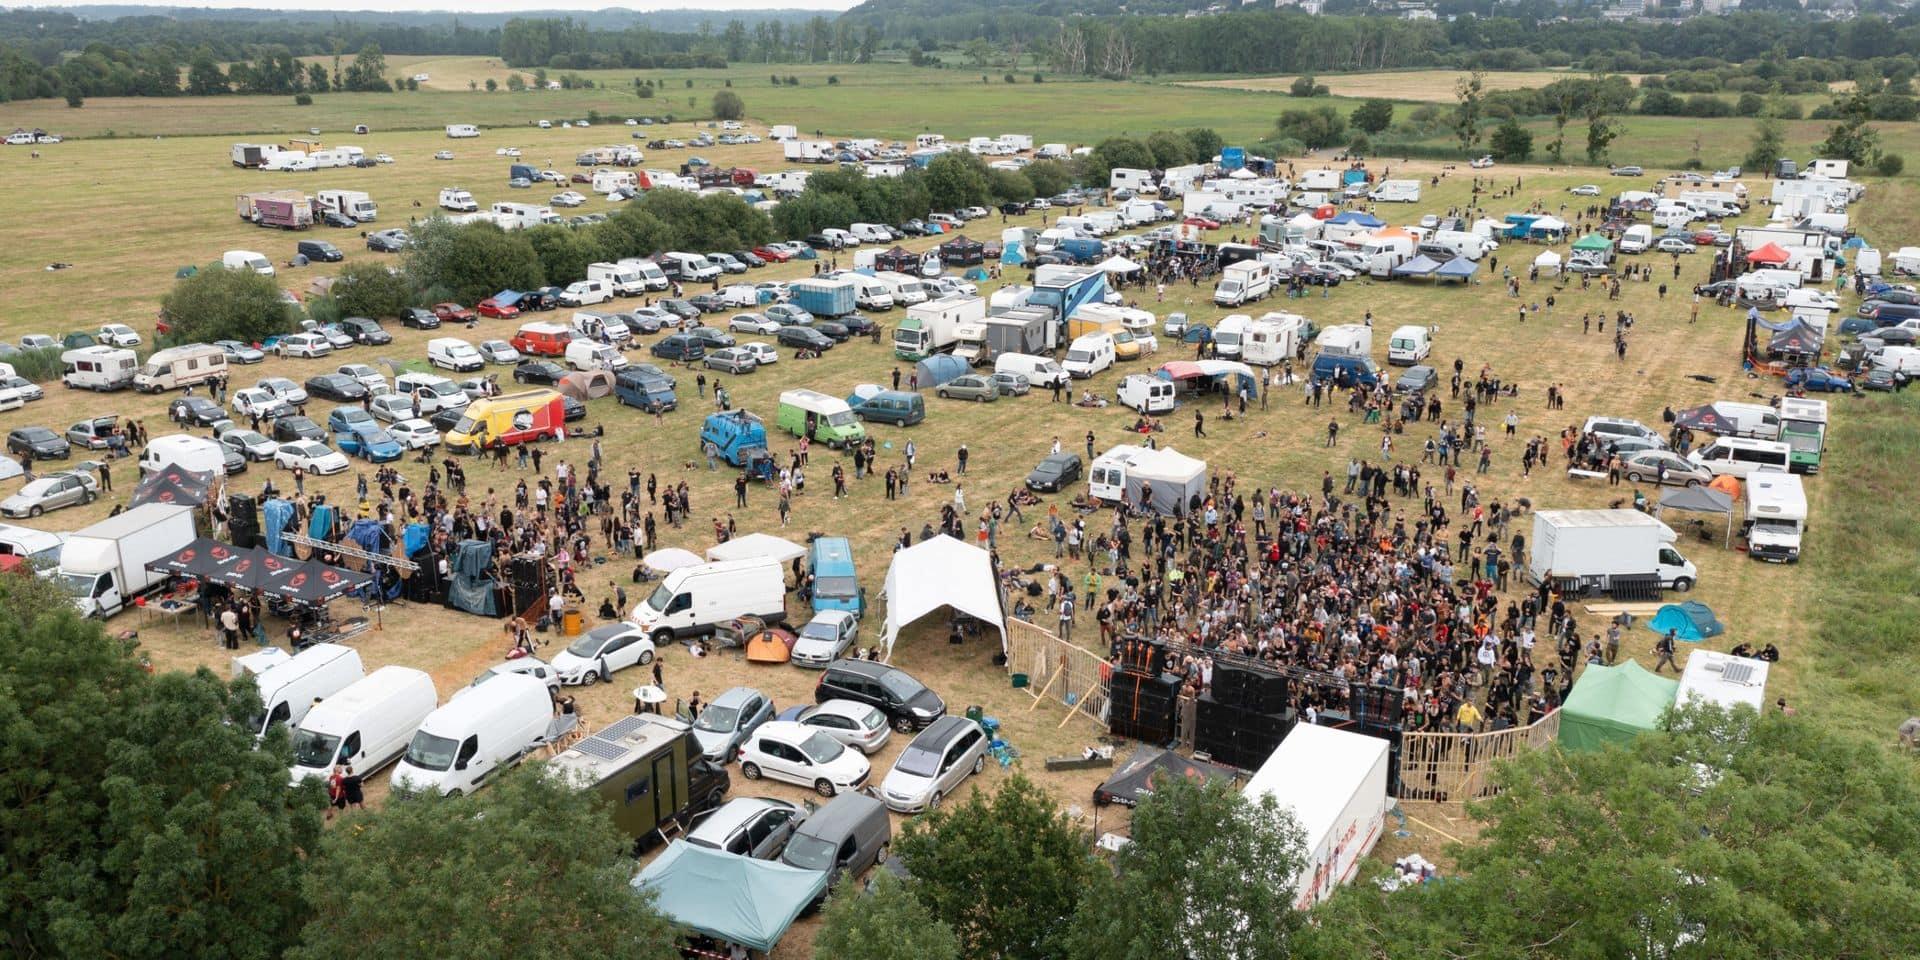 """Rave party illégale en Bretagne: l'évacuation """"est terminée"""", annonce le préfet"""